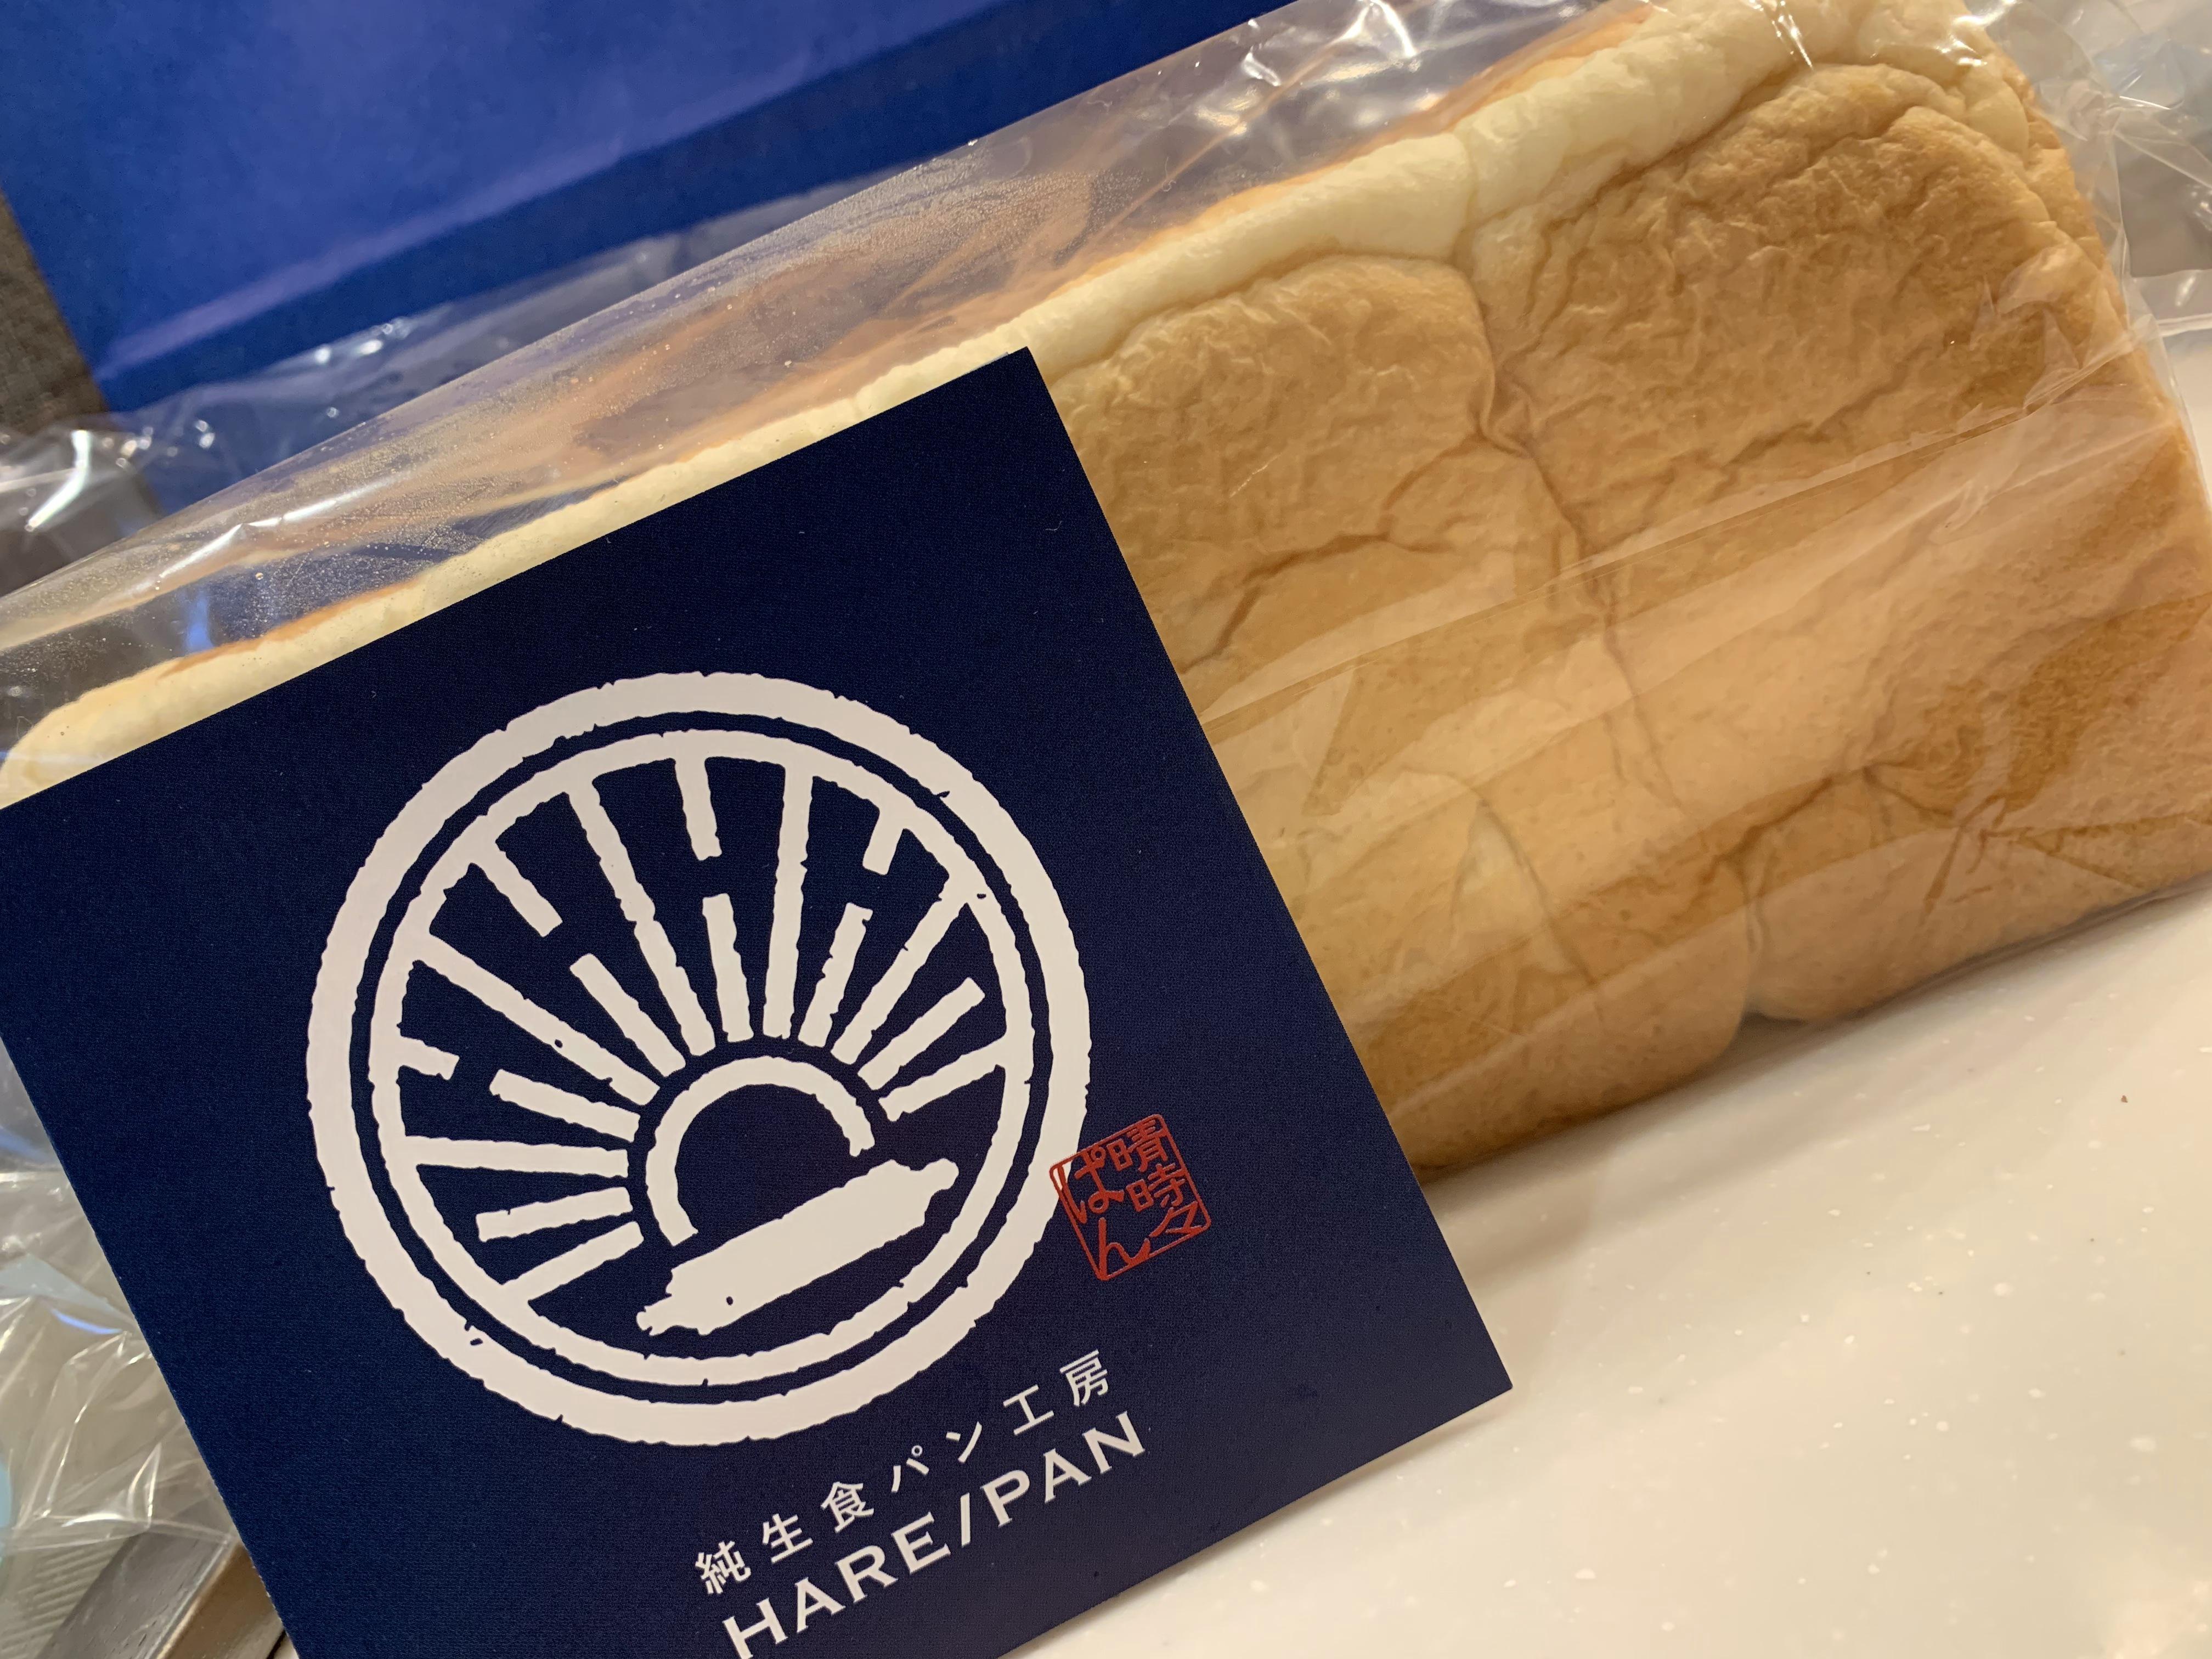 ハレパン(晴れパン)の価格はいくら?予約は可能か?感想レビュー!